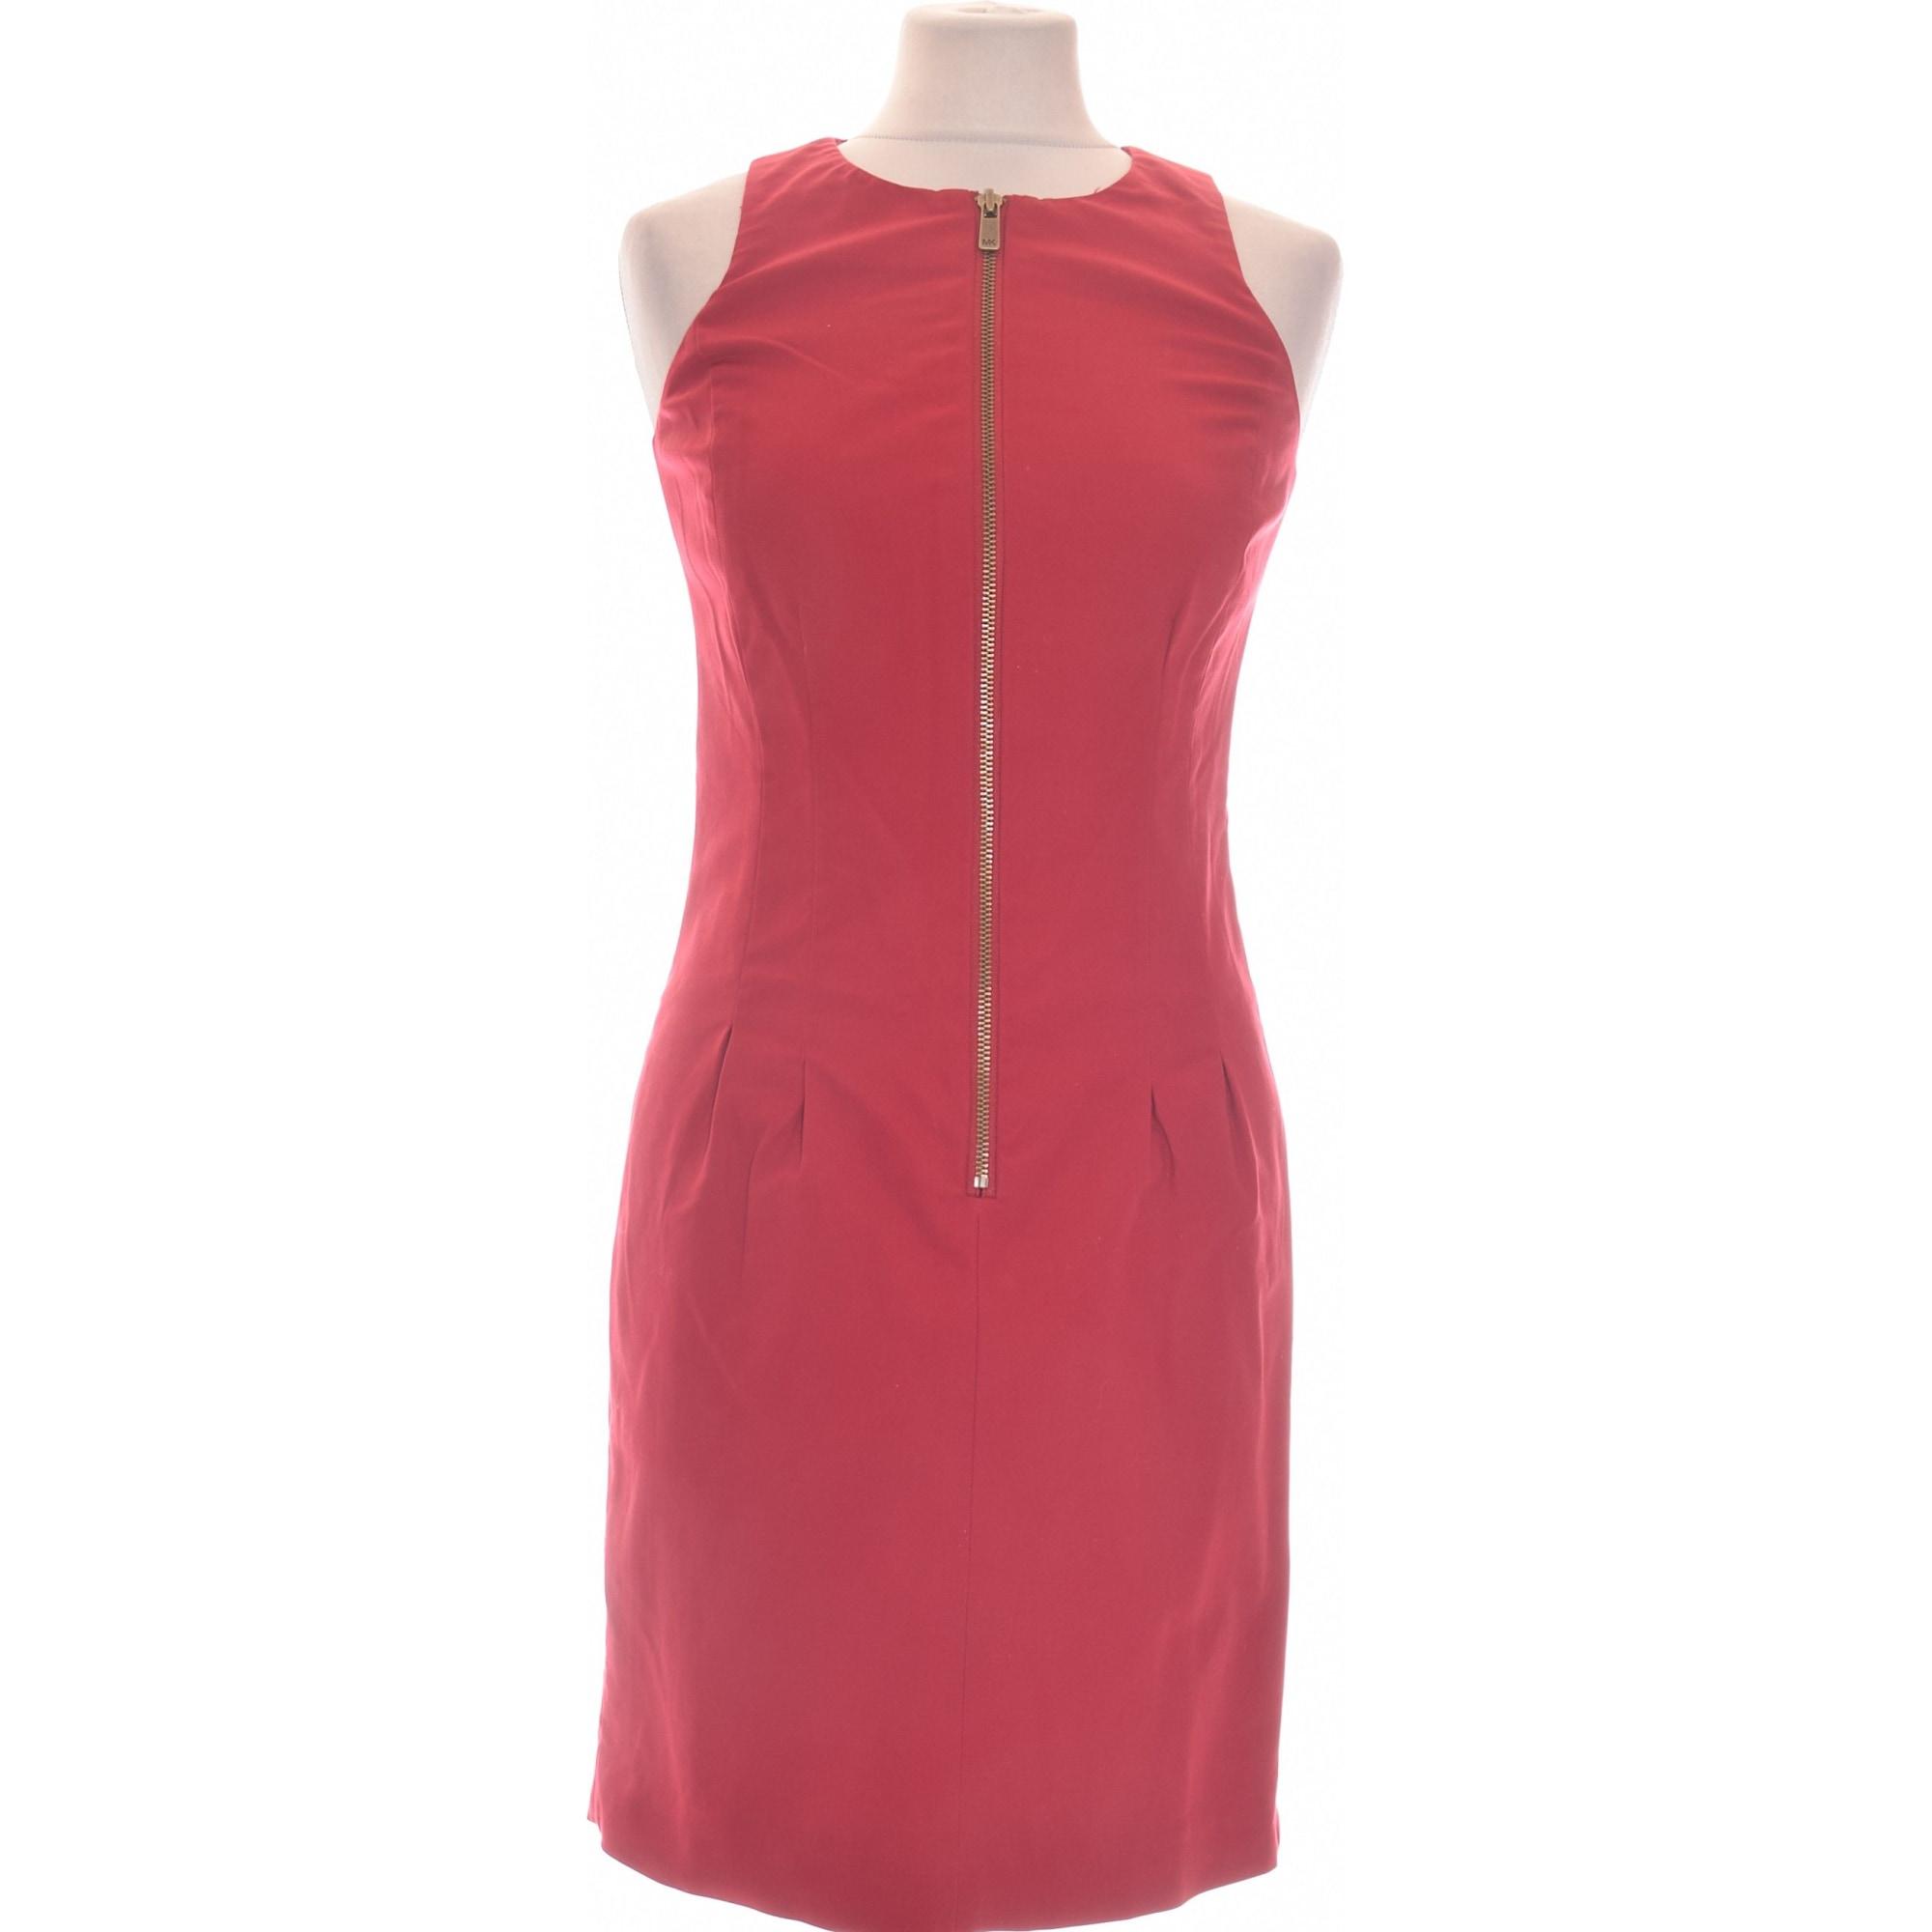 Mini-Kleid MICHAEL KORS Rot, bordeauxrot